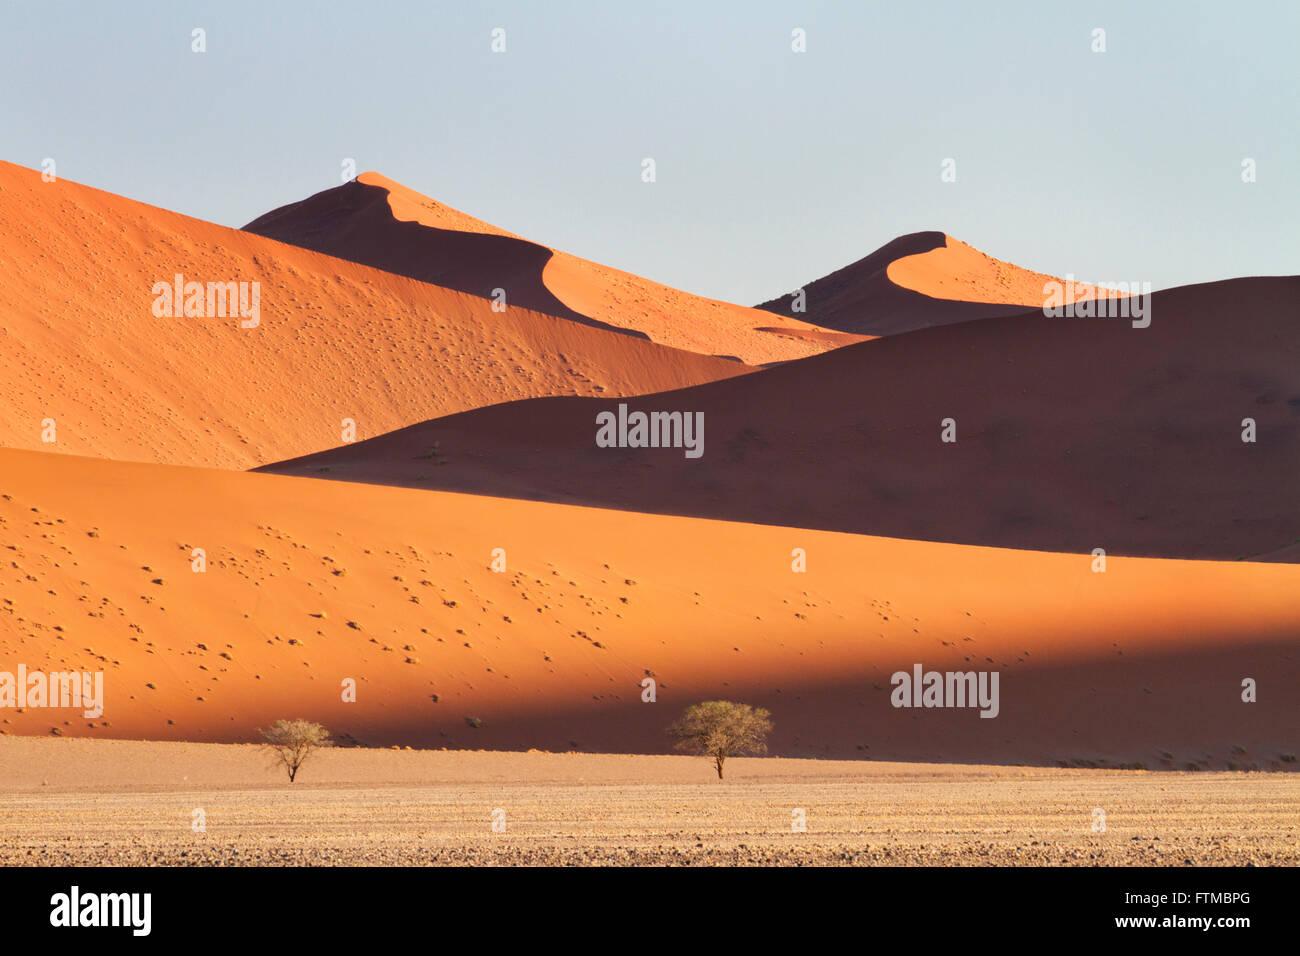 Dunes de sable de montagne et d'acacia camelthorn arbres dans le désert du Namib en Namibie de Namib-Naukluft National Park Banque D'Images